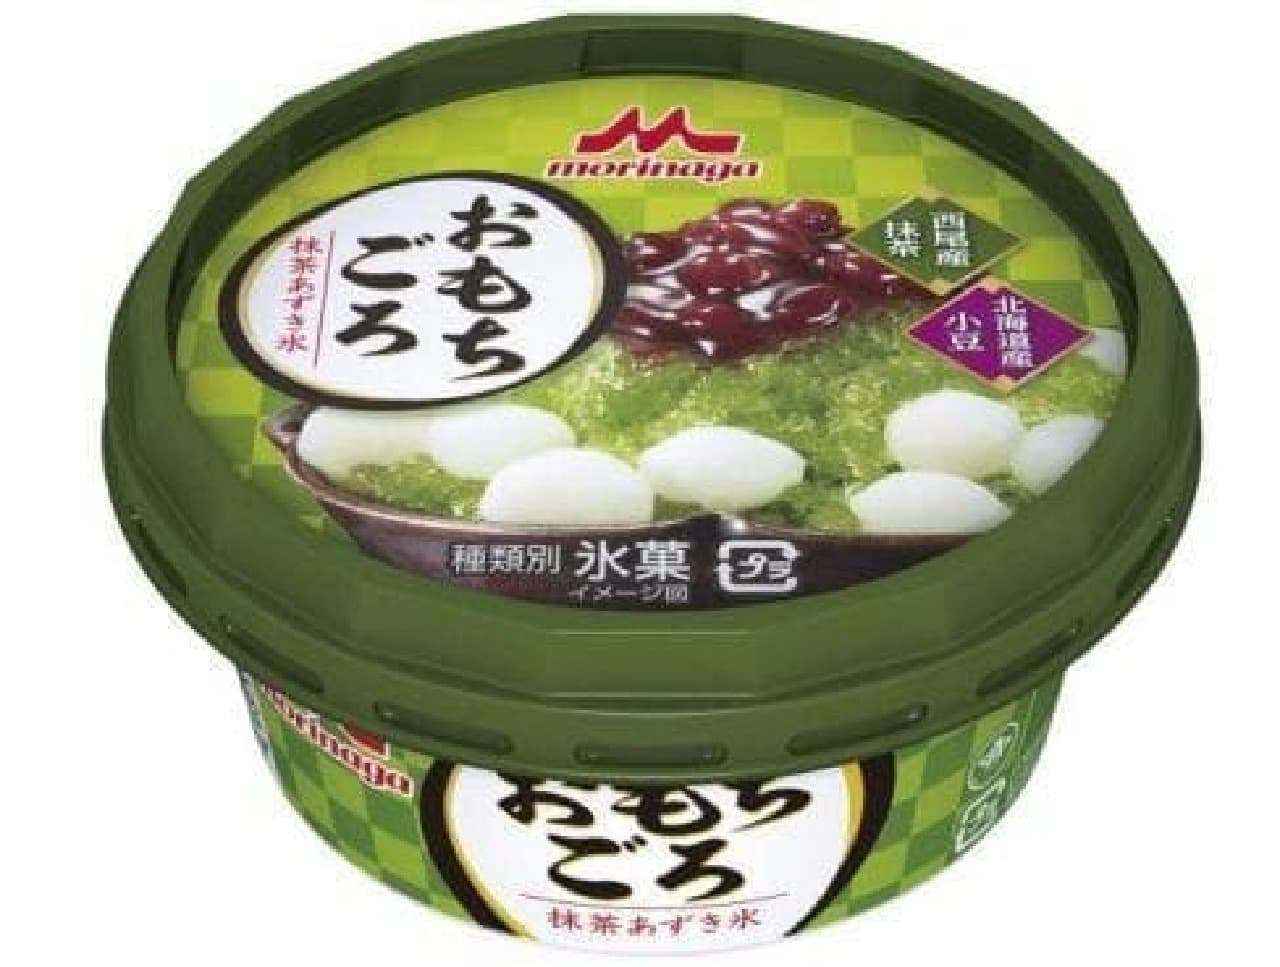 森永乳業「おもちごろ 抹茶あずき氷」